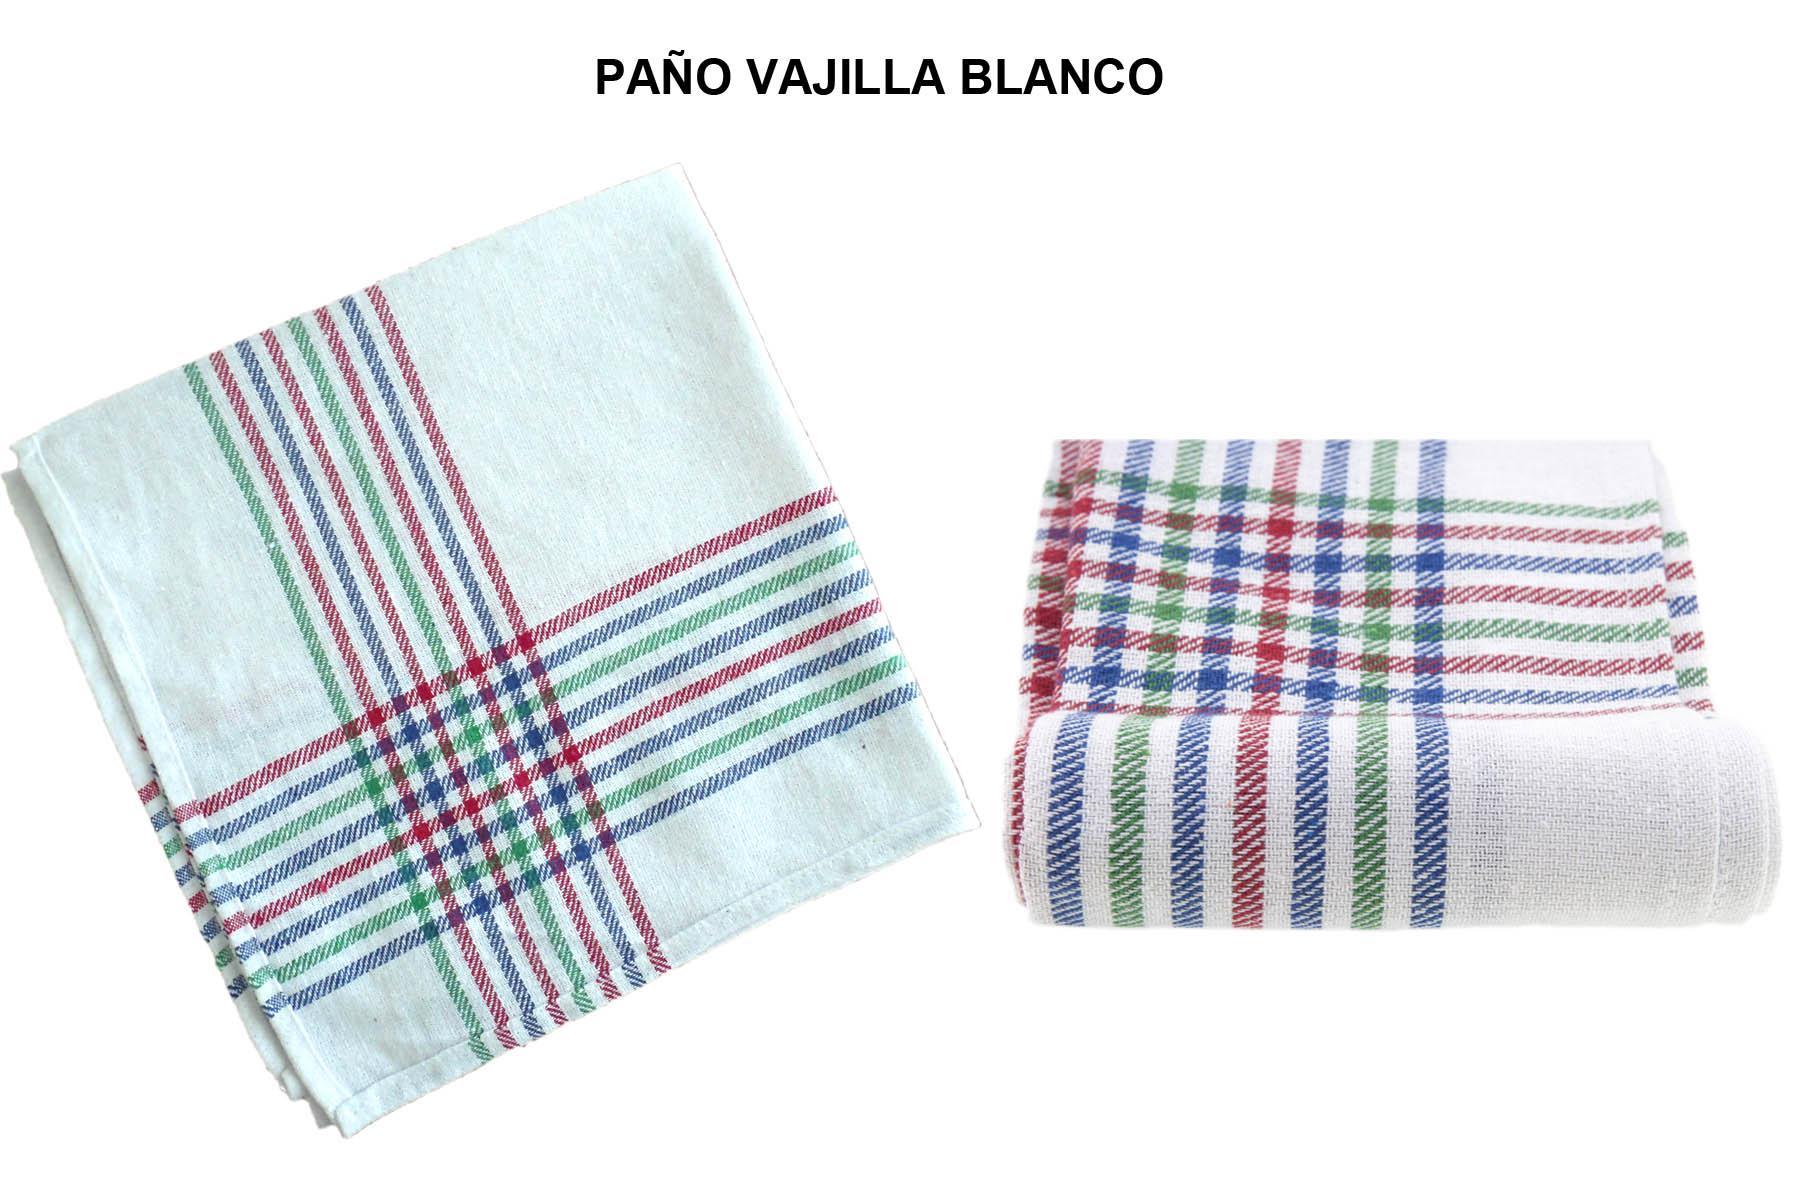 PAÑO VAJILLA BLANCO (PAQ 12 UND)